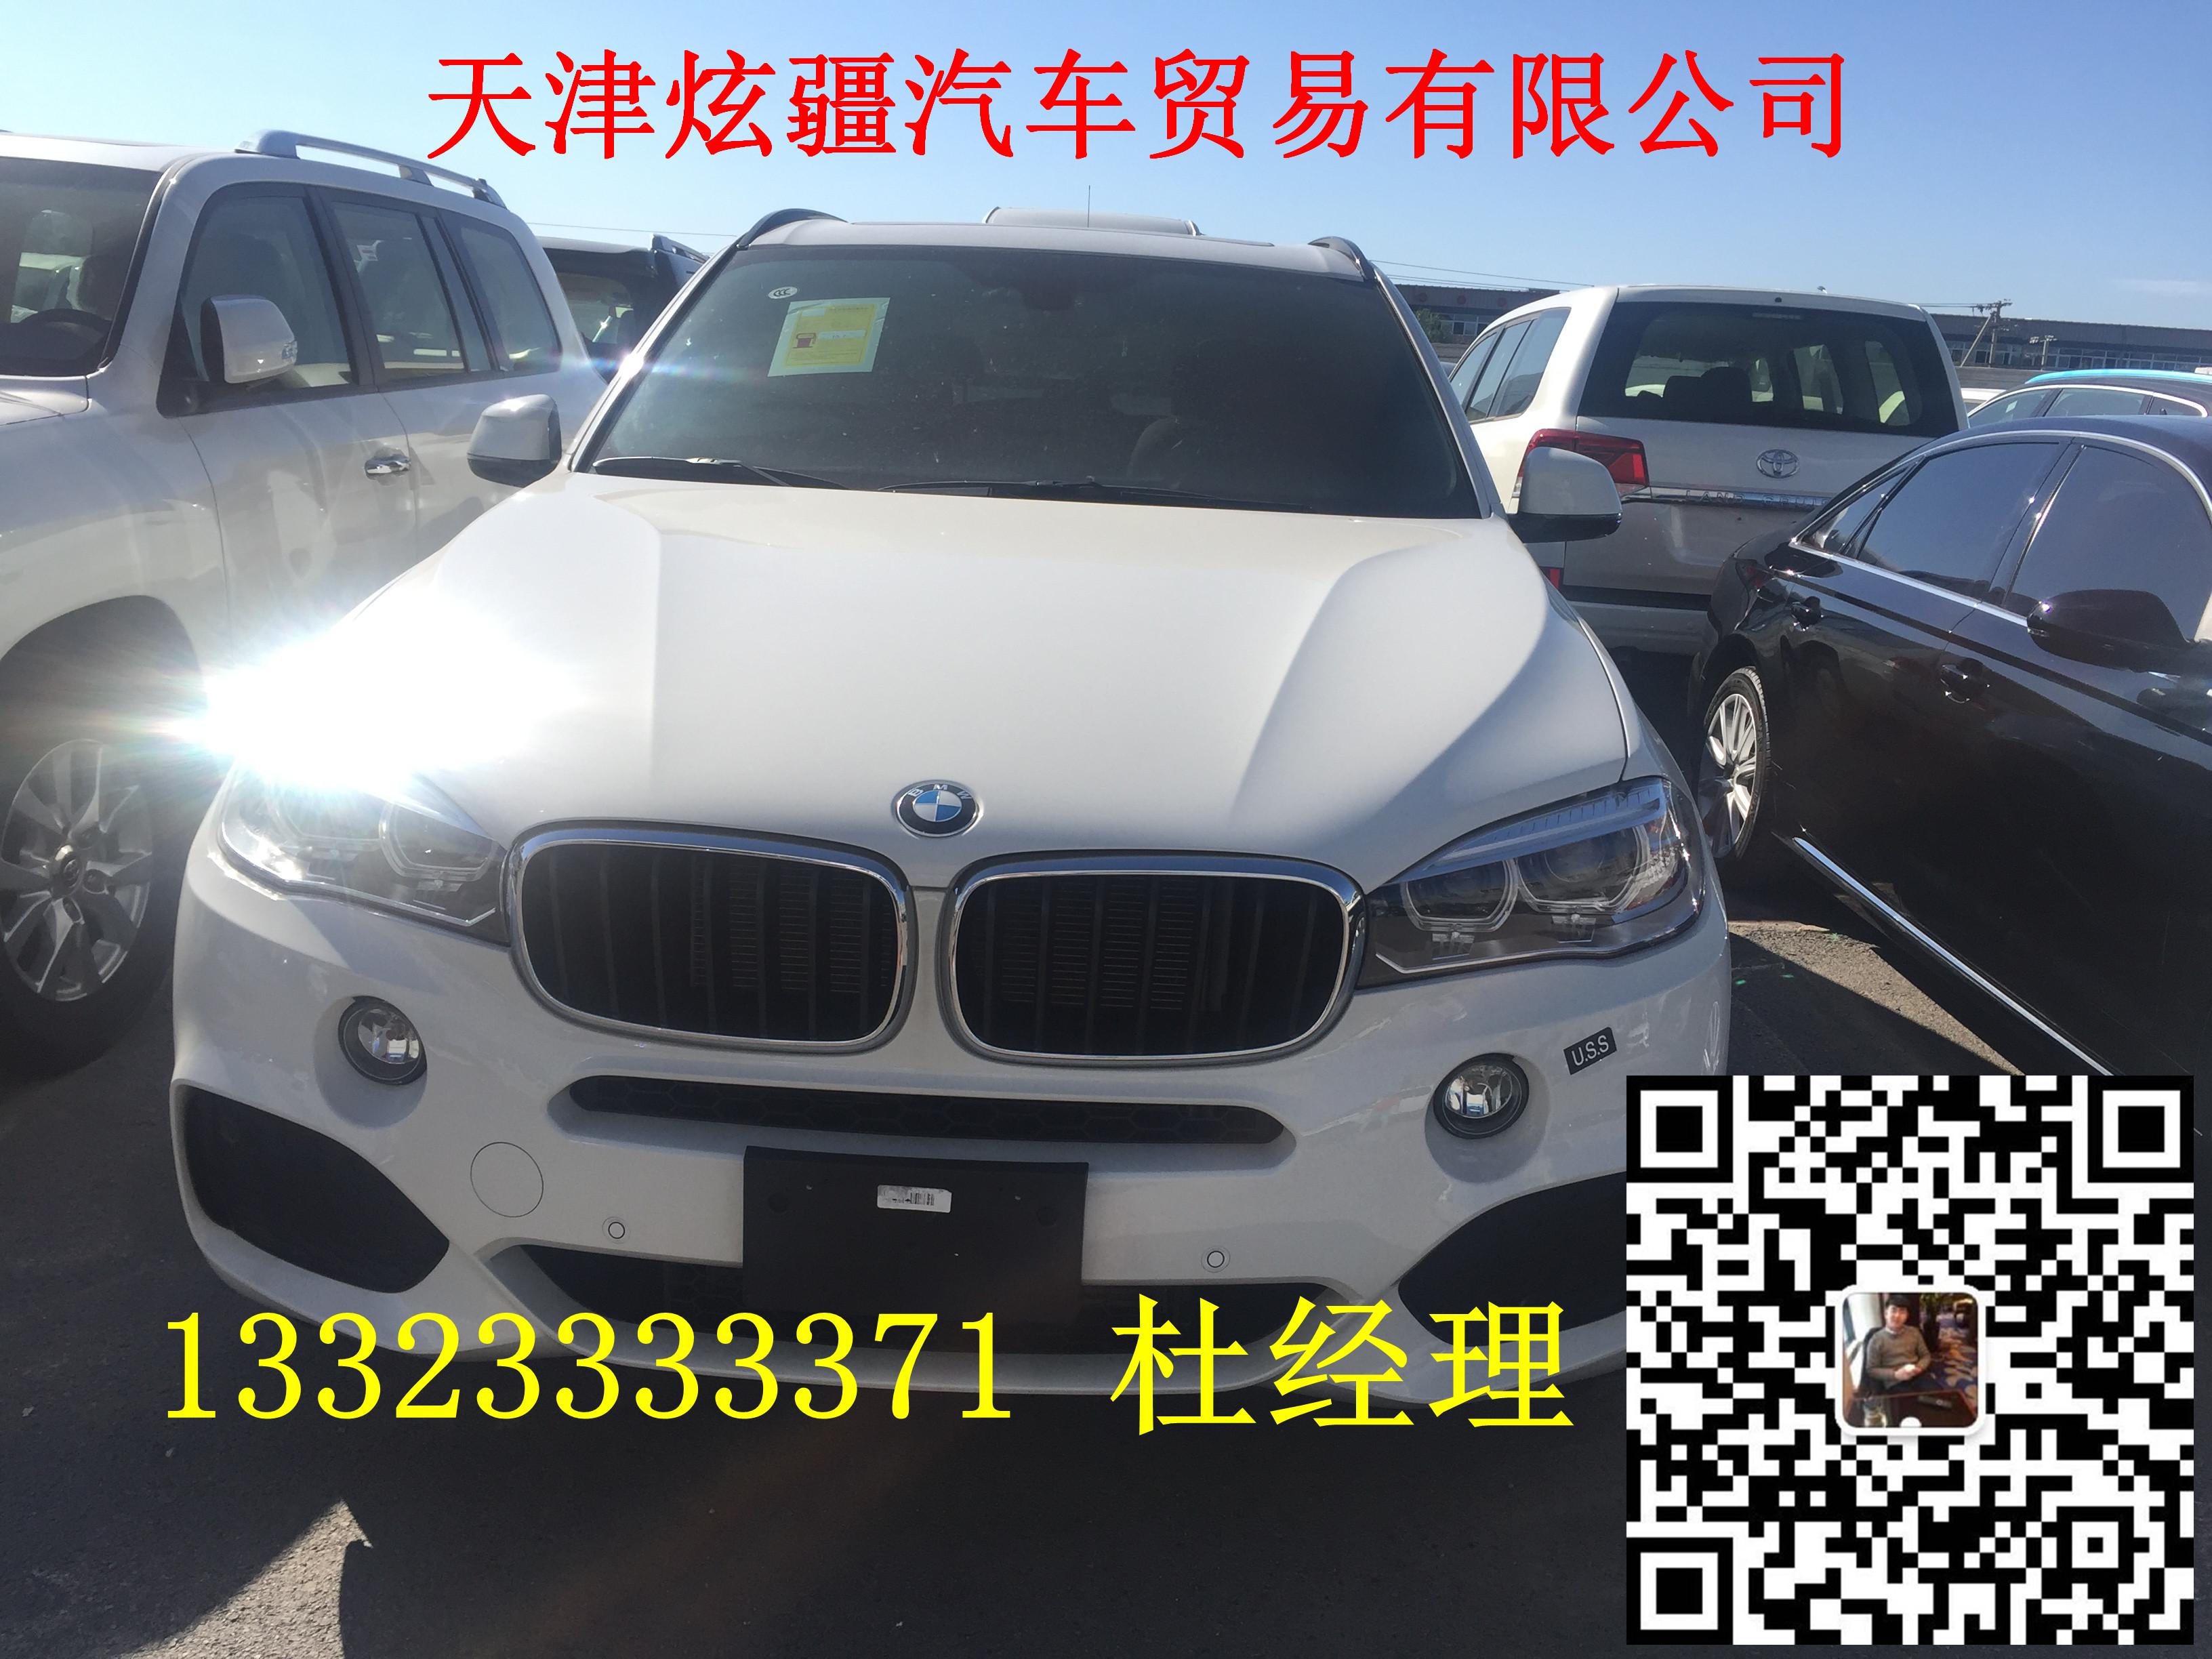 宝马X6多少钱 中东进口价格最低天津港 -宝马X6